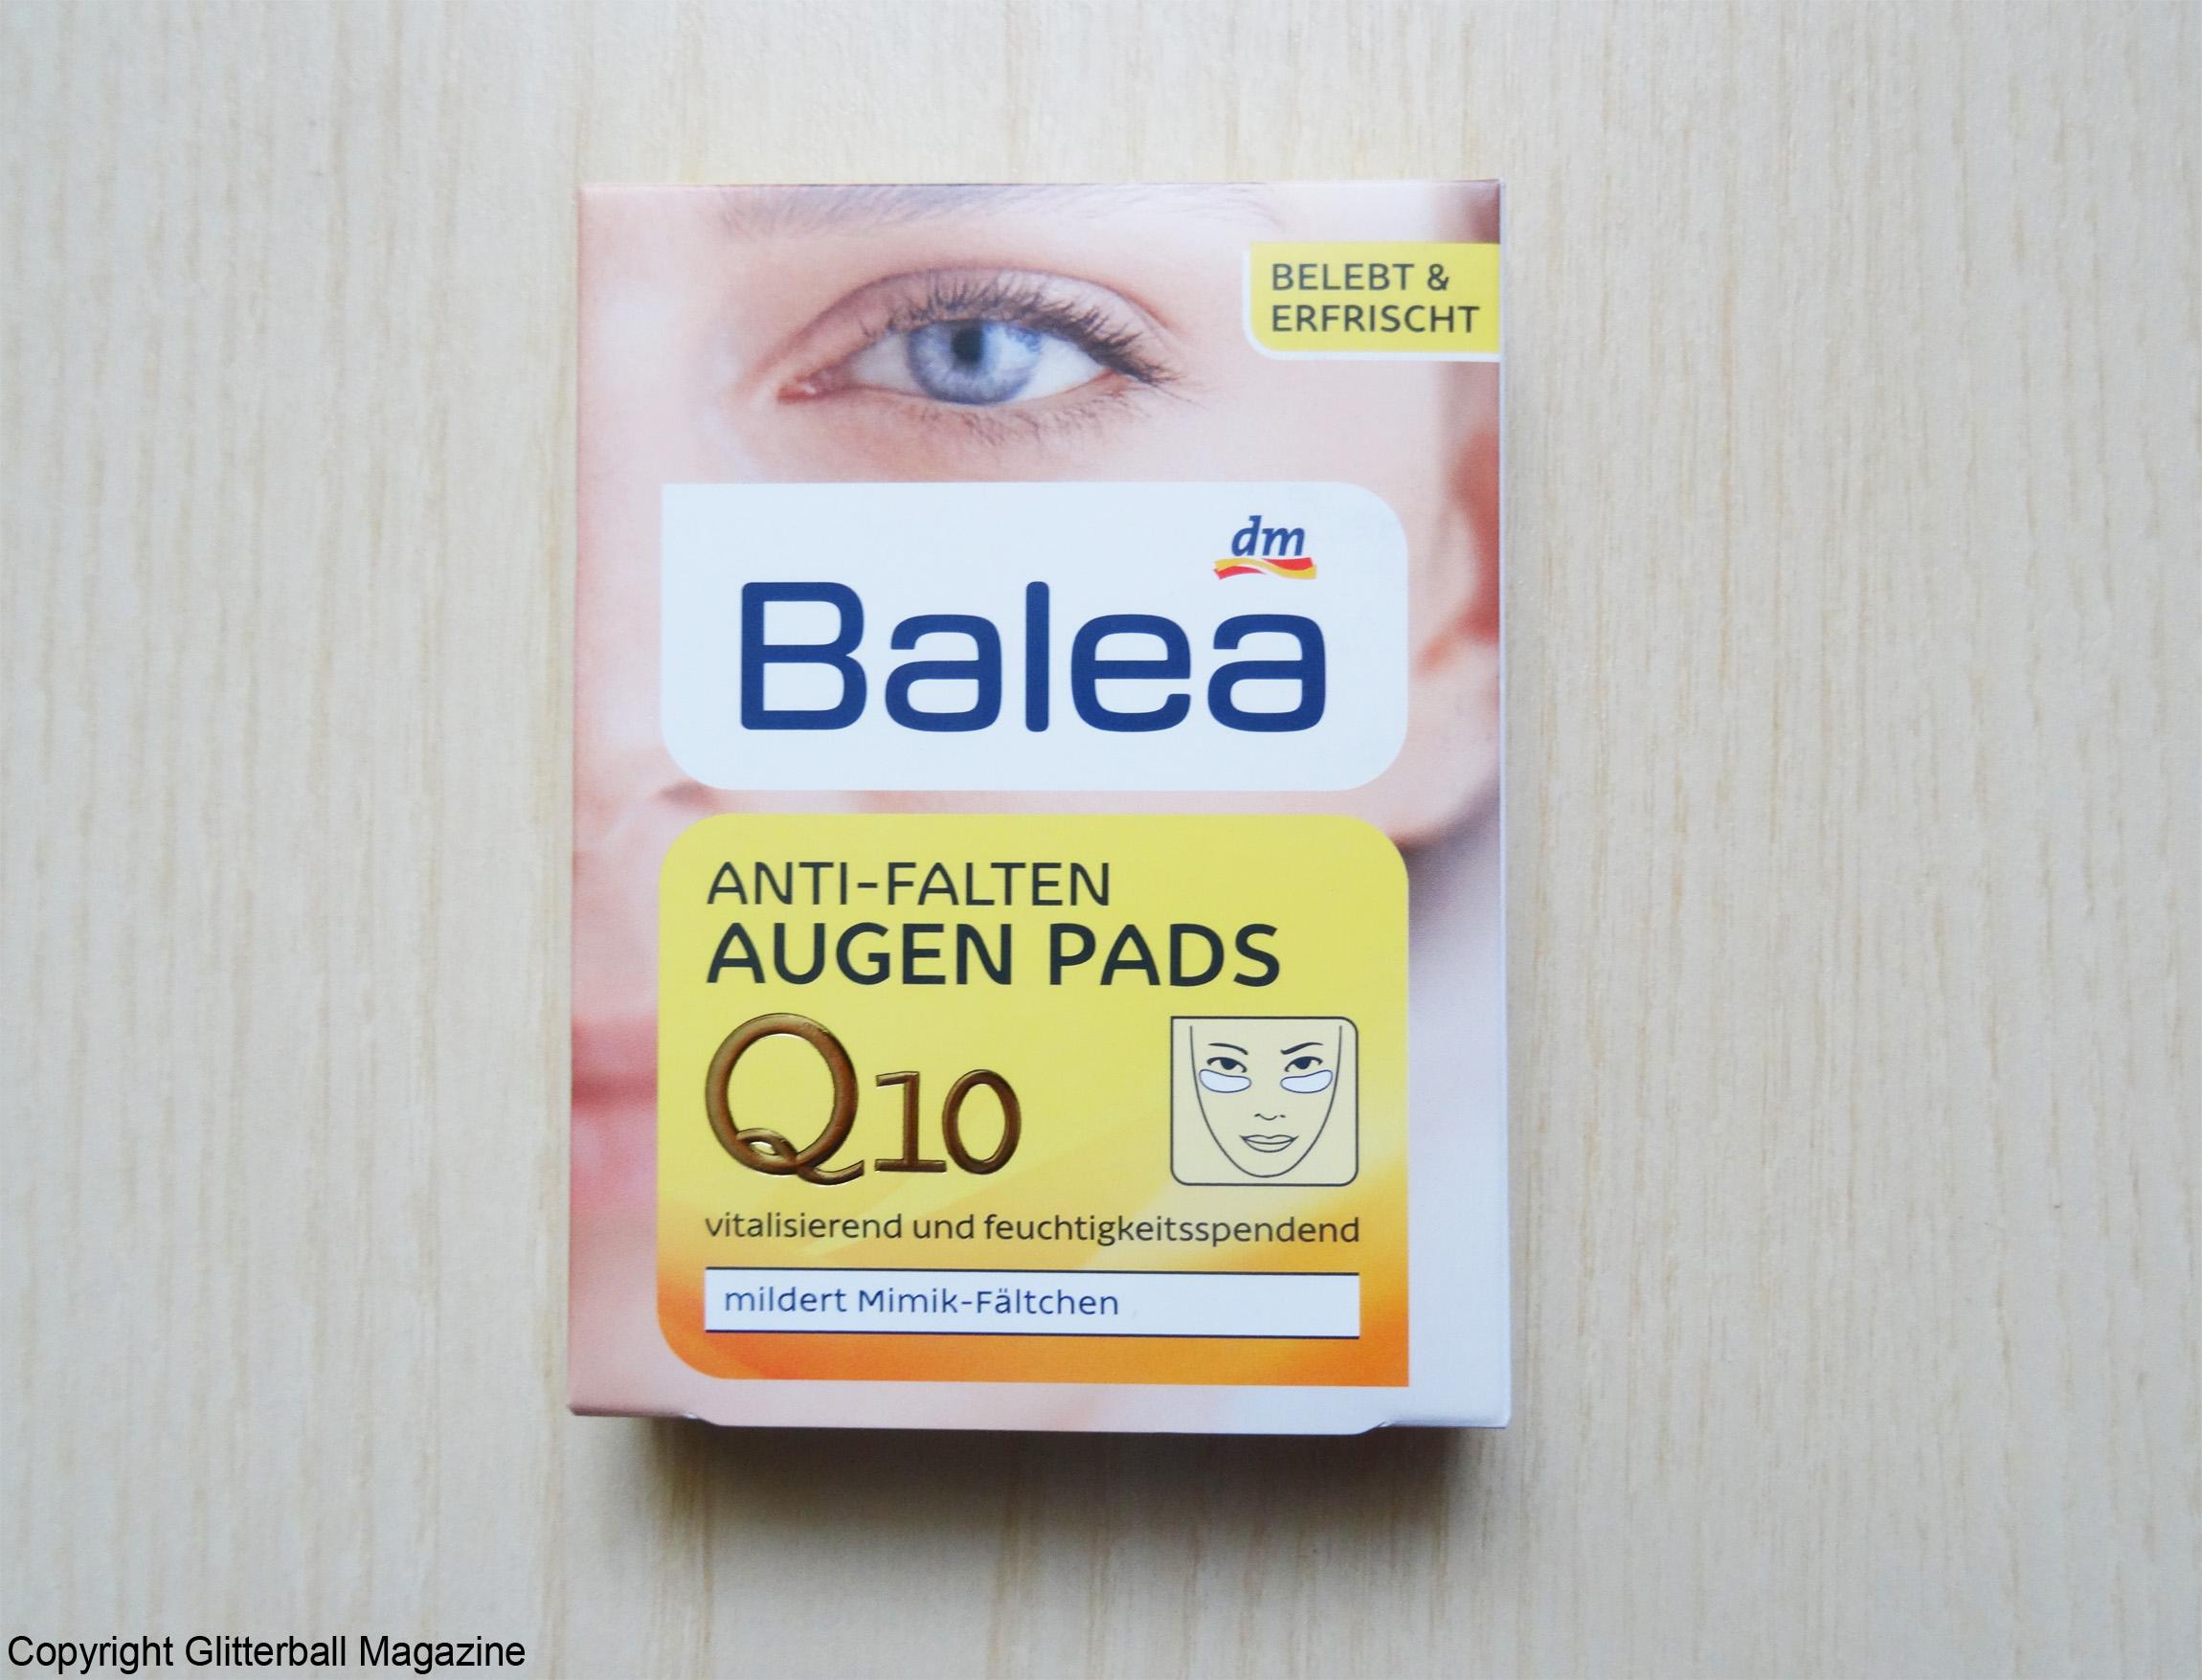 balea-eye-pads-2